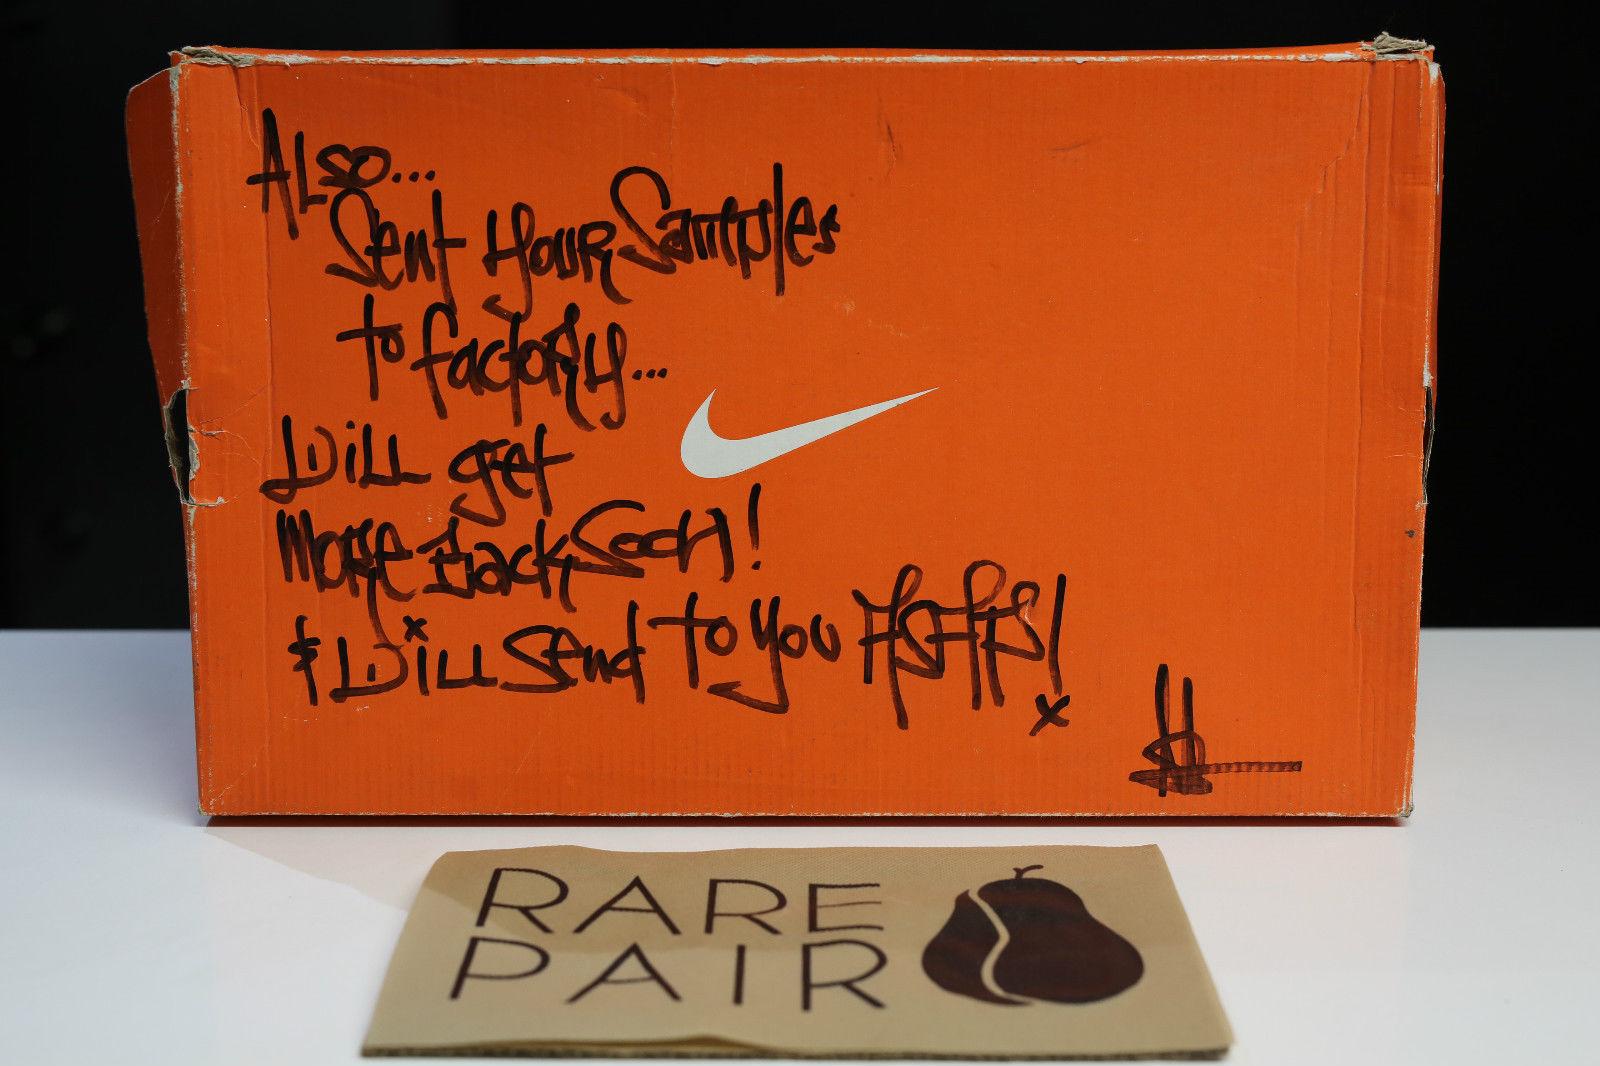 1e0a353a1d5a0 Nike Air Yeezy Kanye West Black White Sample Pair Box